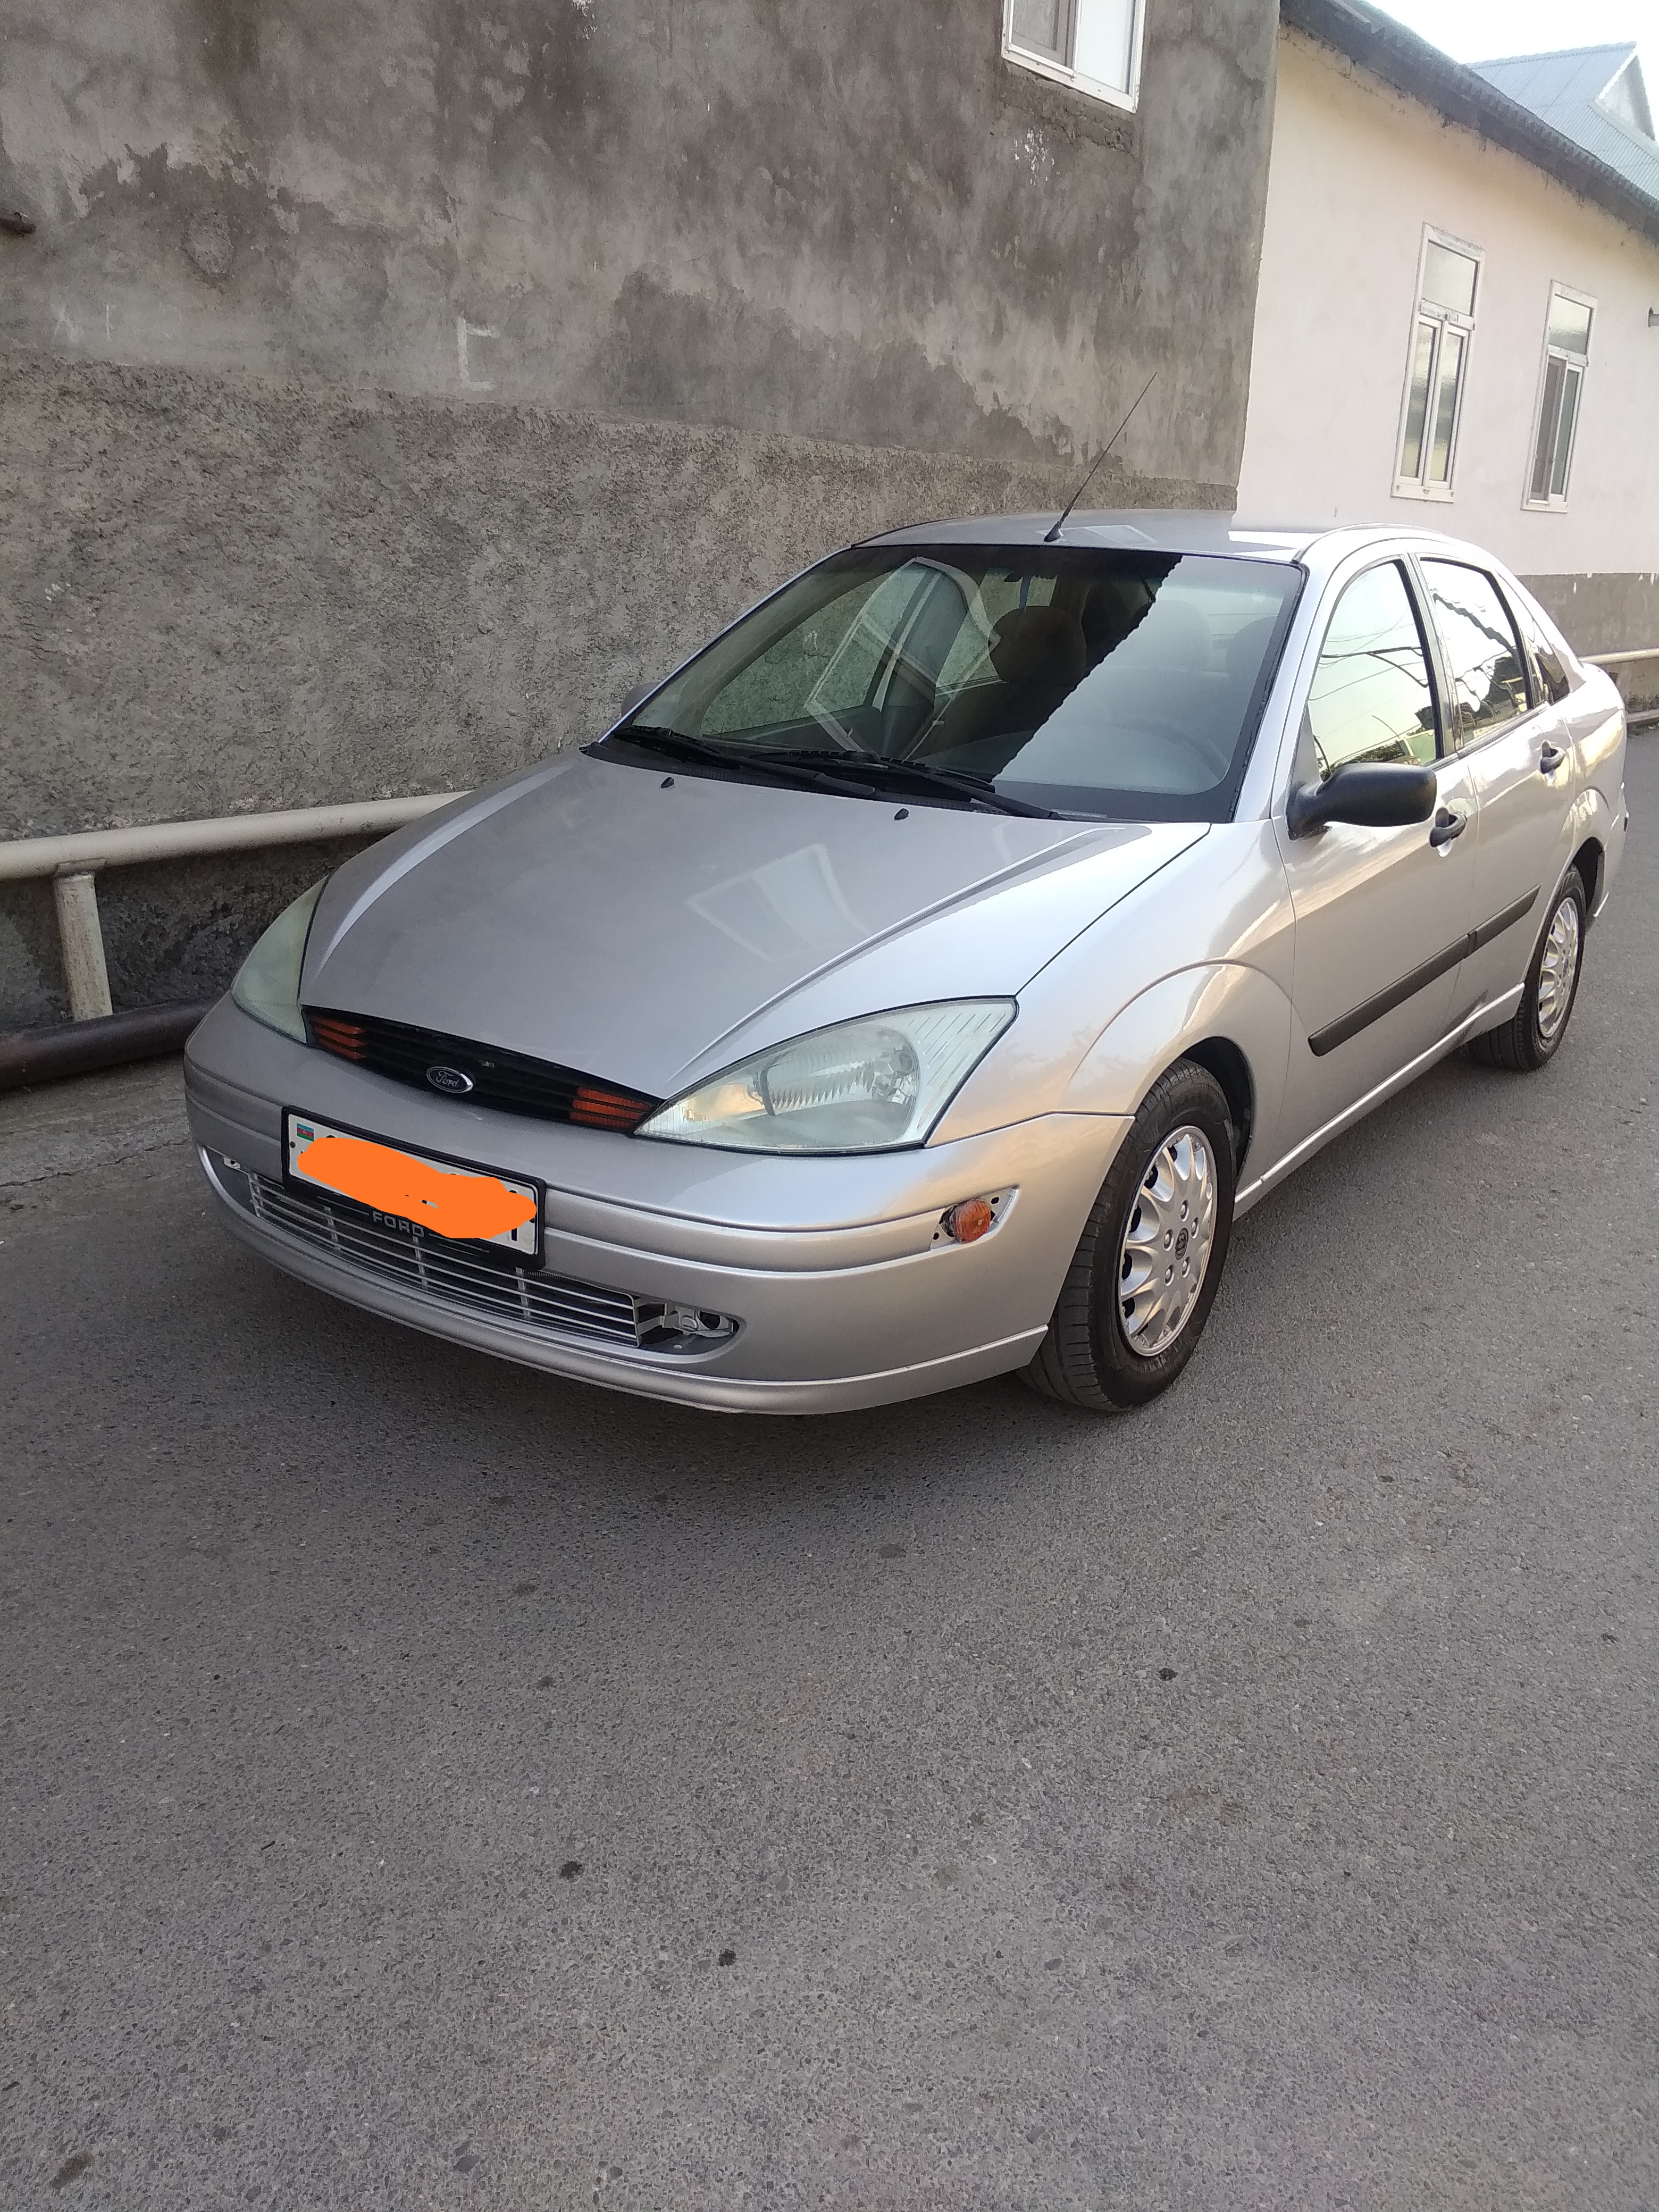 Ford Focus 1.6(lt) 2002 Подержанный  $7800